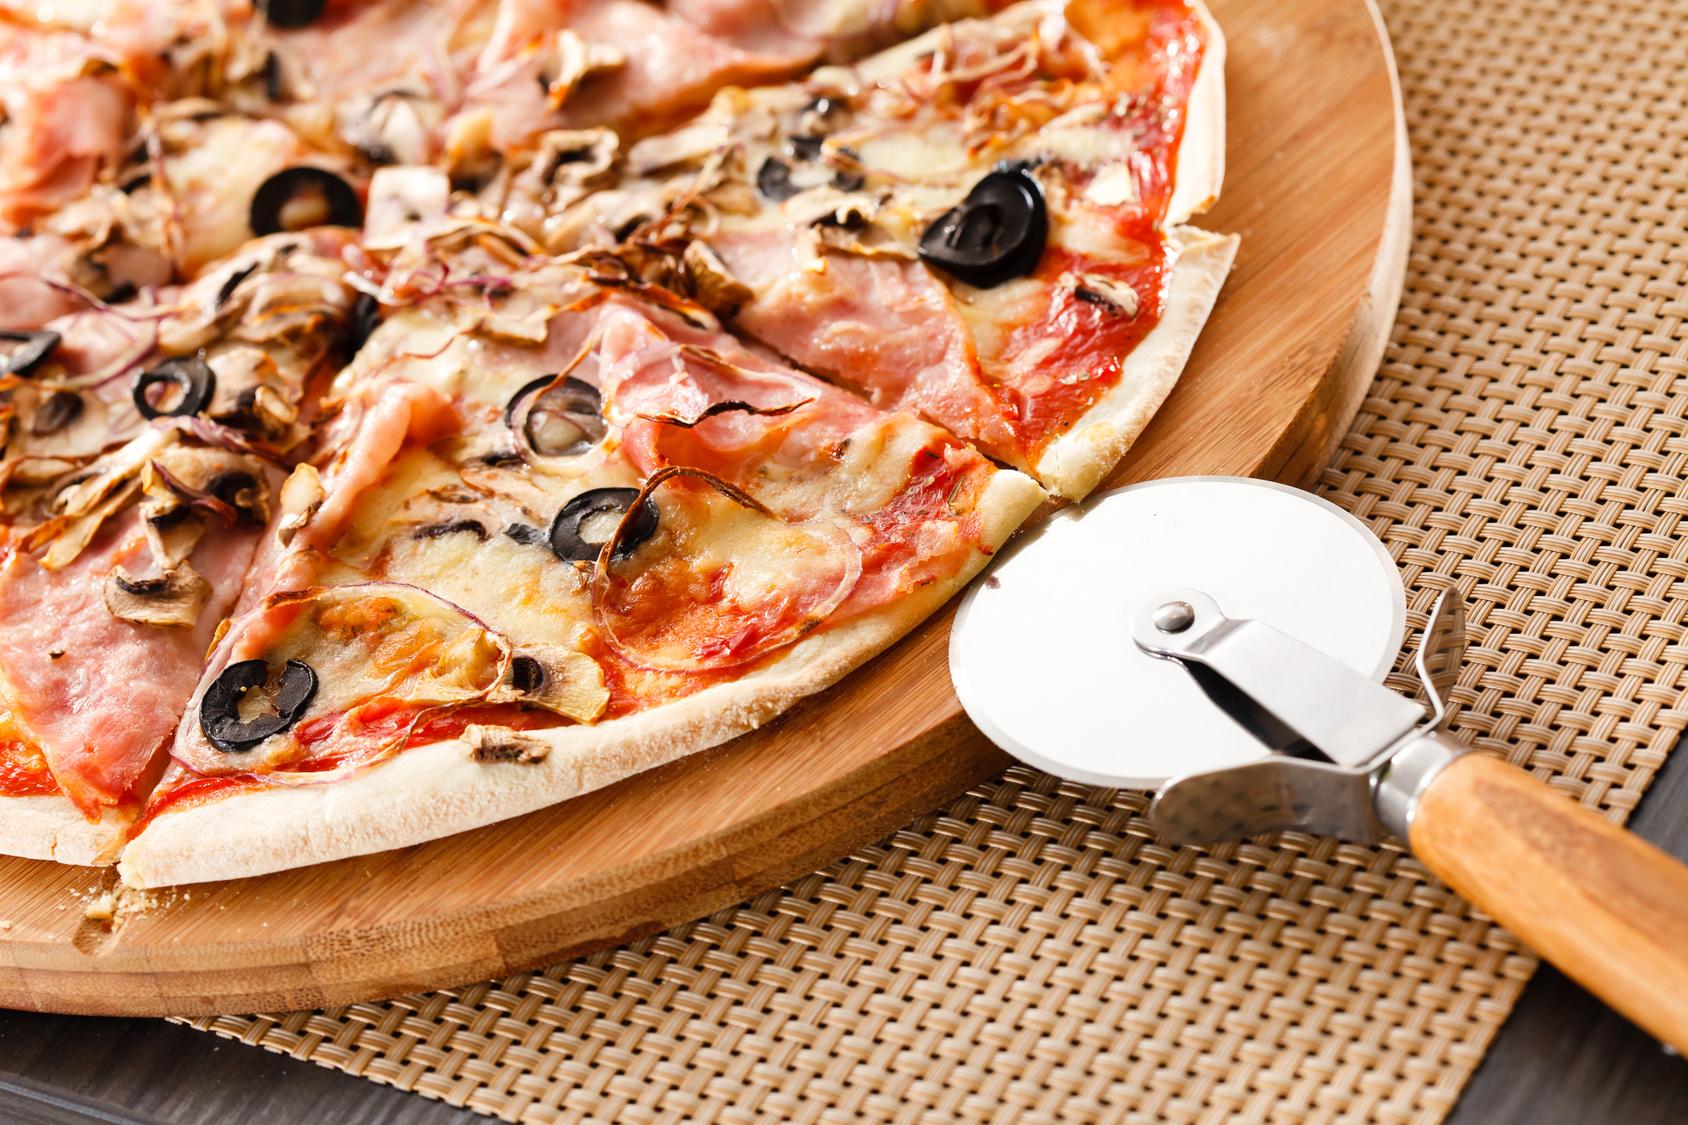 Gluteeniton pizza 4 täytteellä 6€ (arvo 12€)